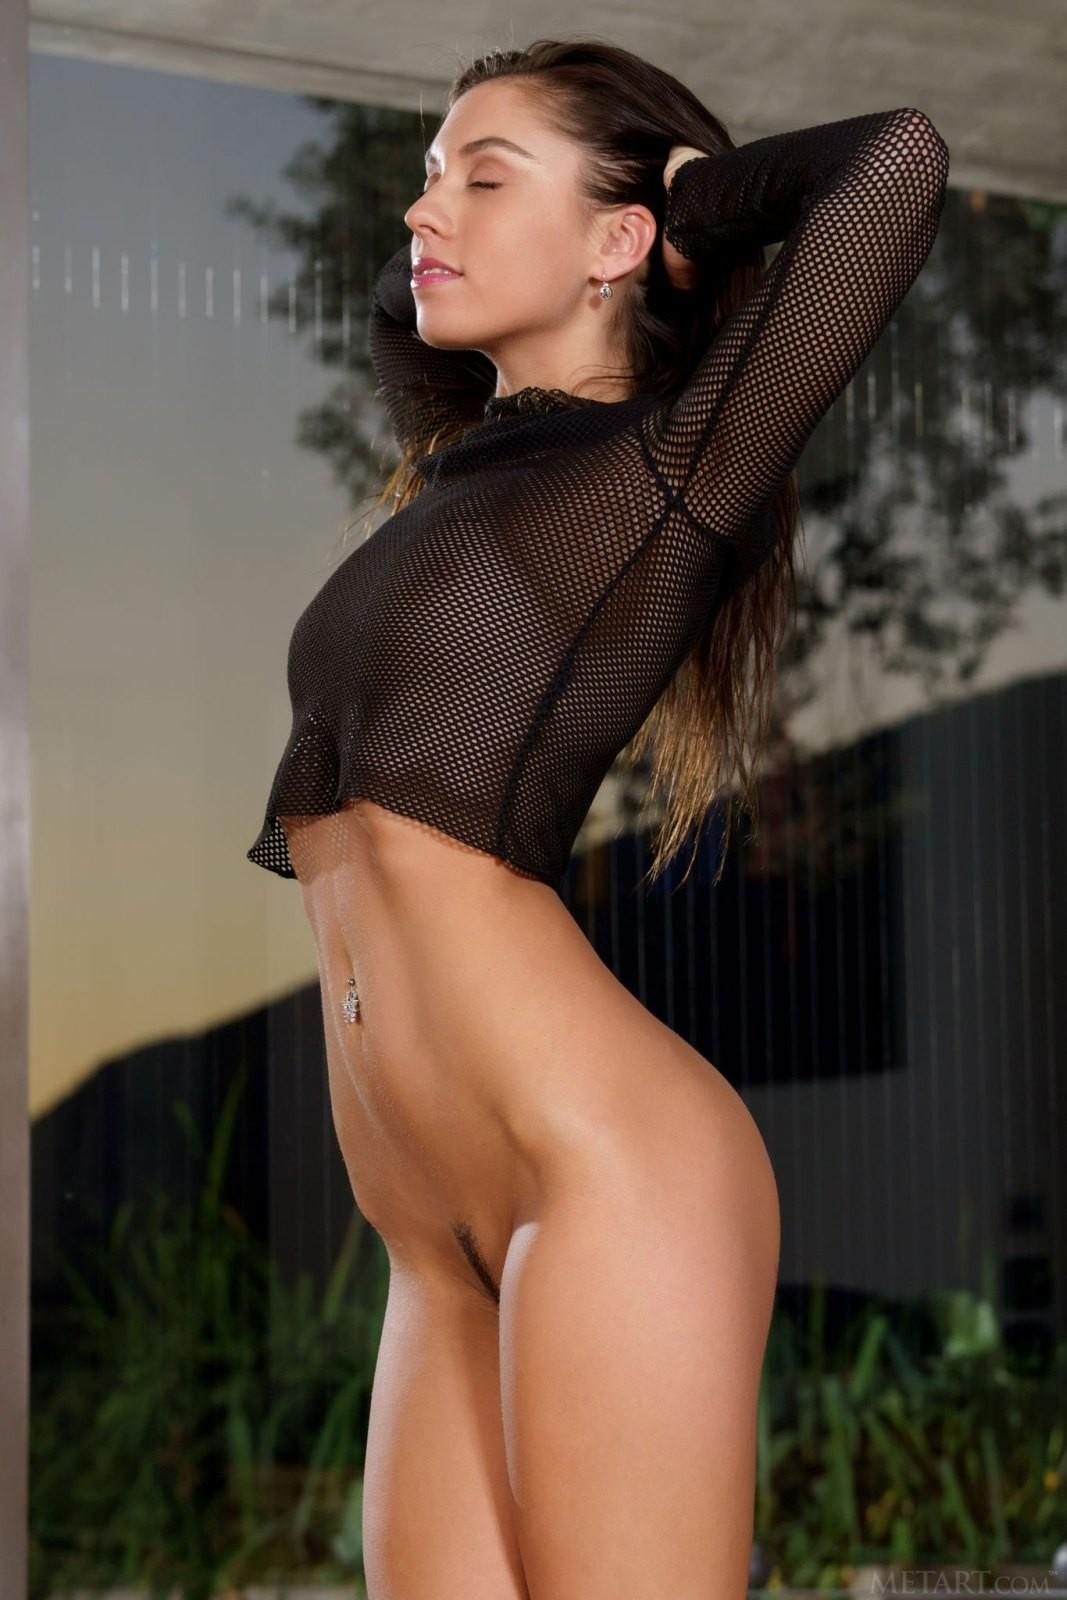 Роковая красотка с сексуальной фигурой - фото